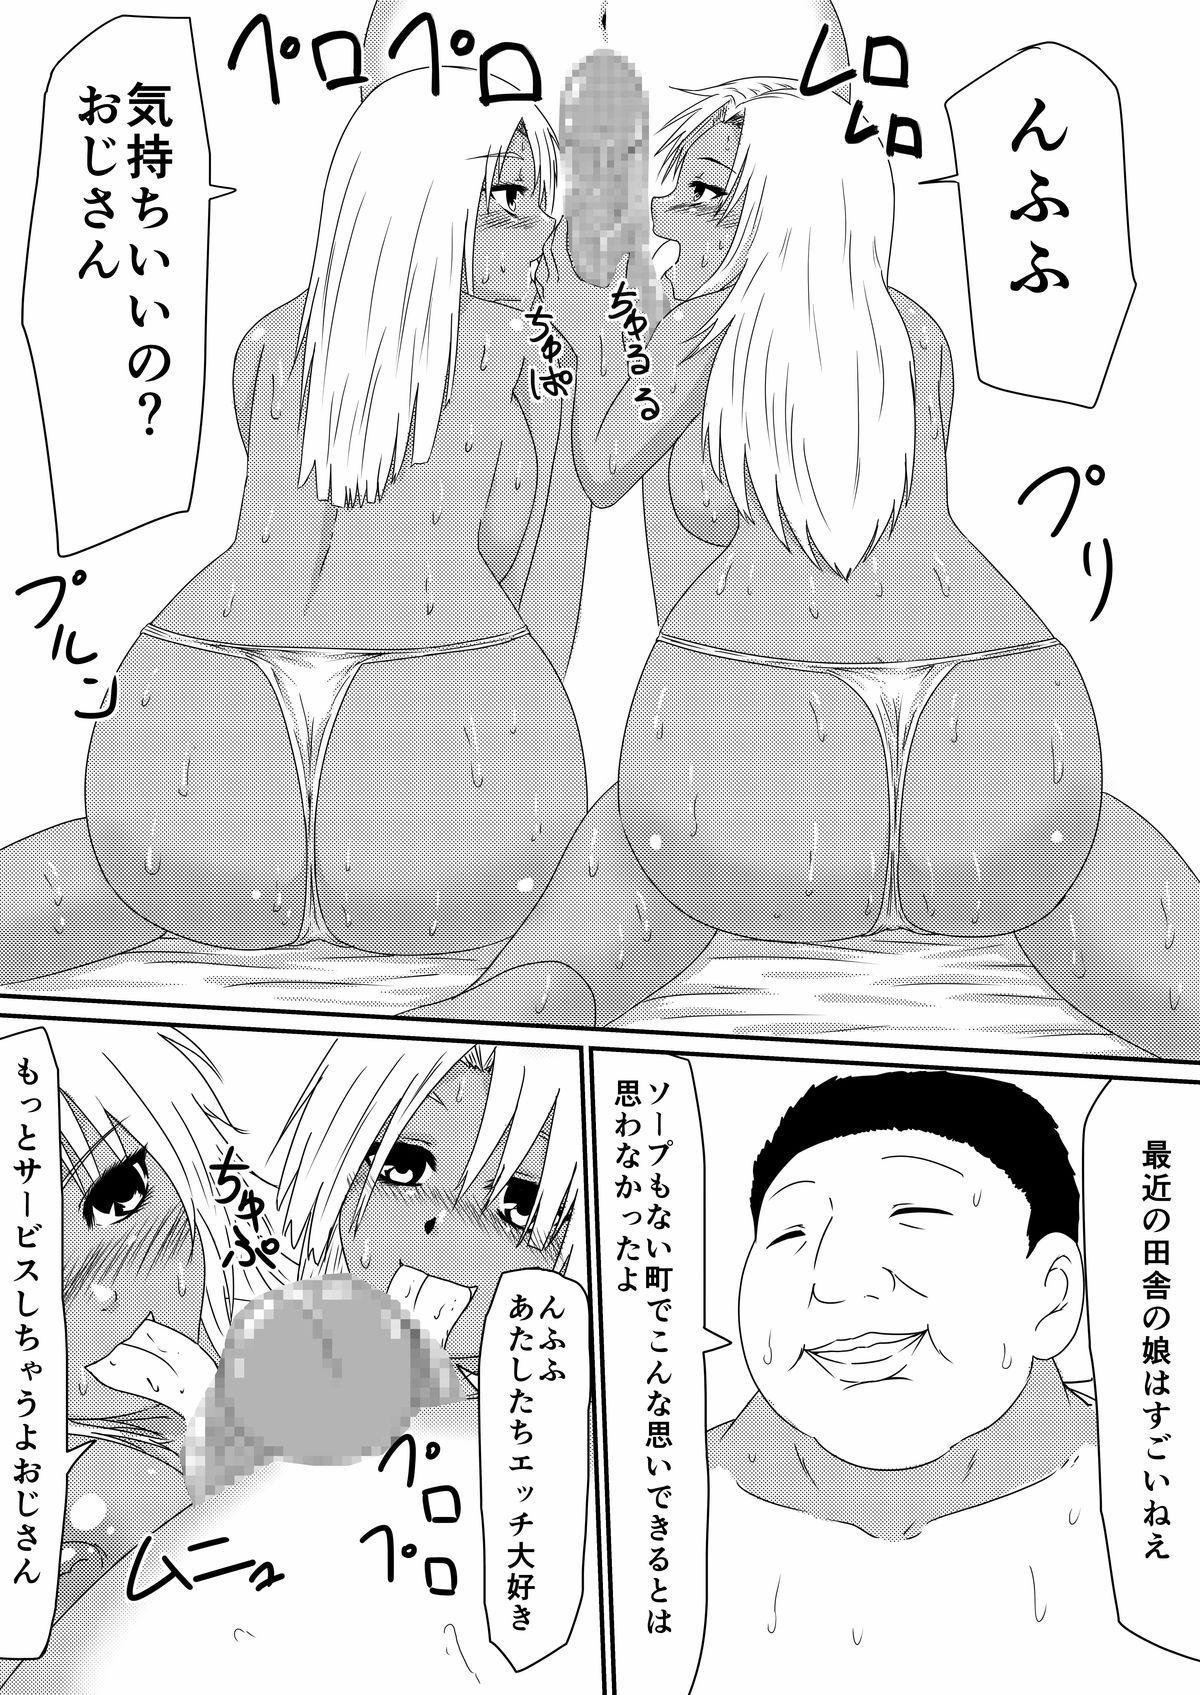 [Mikezoutei] Mashou no Chinko o Motsu Shounen ~Kare no Dankon wa Josei o Mesu e to Kaeru~ Zenpen 64